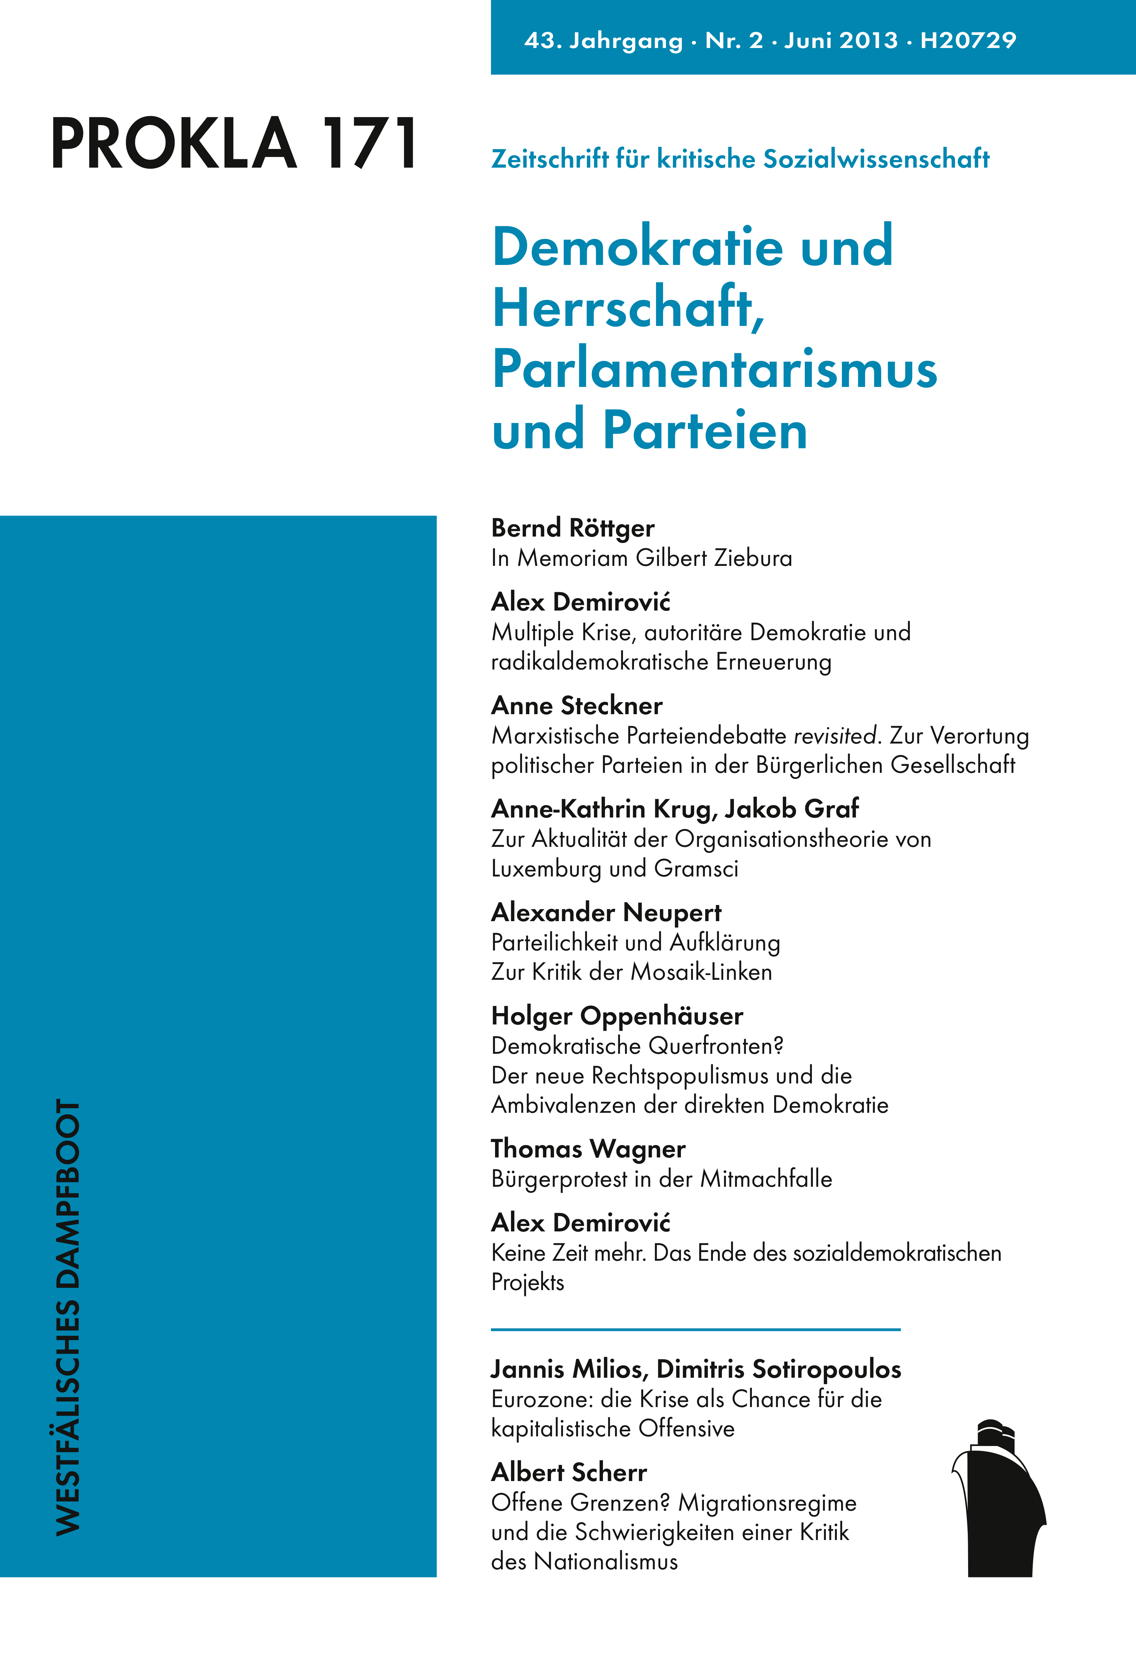 Ansehen Bd. 43 Nr. 171 (2013): Demokratie und Herrschaft, Parlamentarismus und Parteien